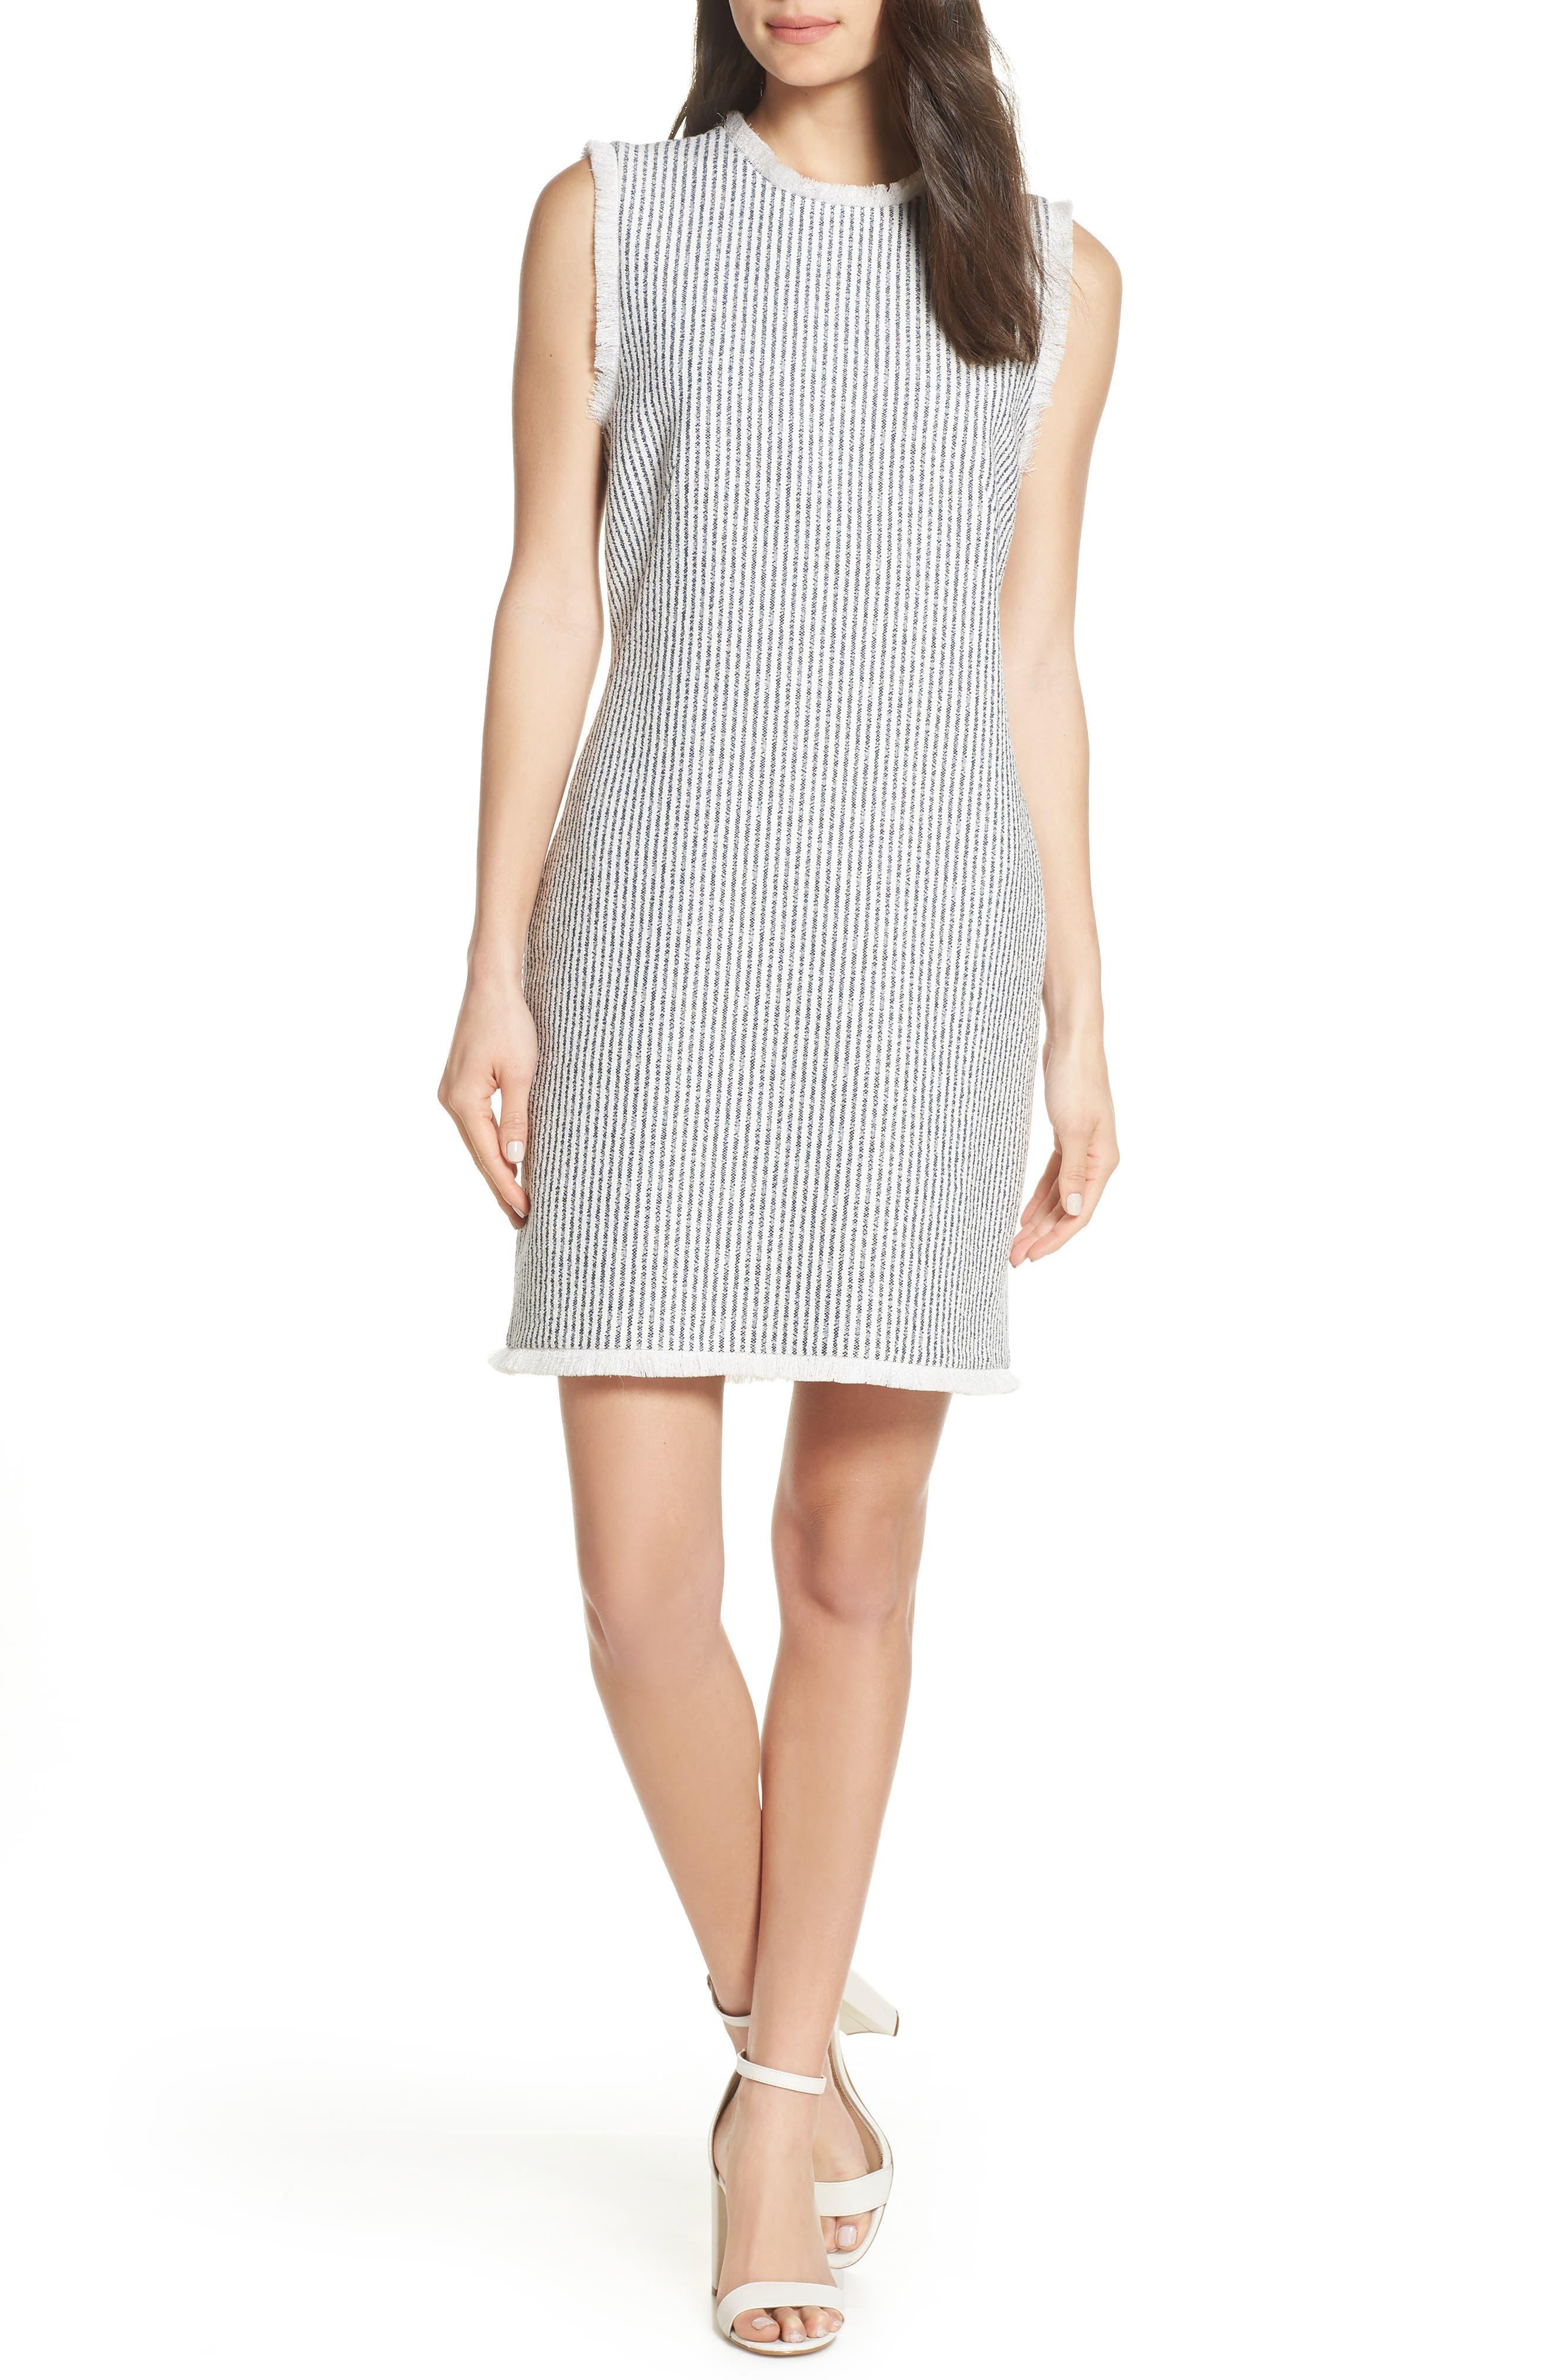 CHARLES HENRY, Fringe Trim Stripe Shift Dress, Main thumbnail 1, color, NAVY WHITE STRIPE